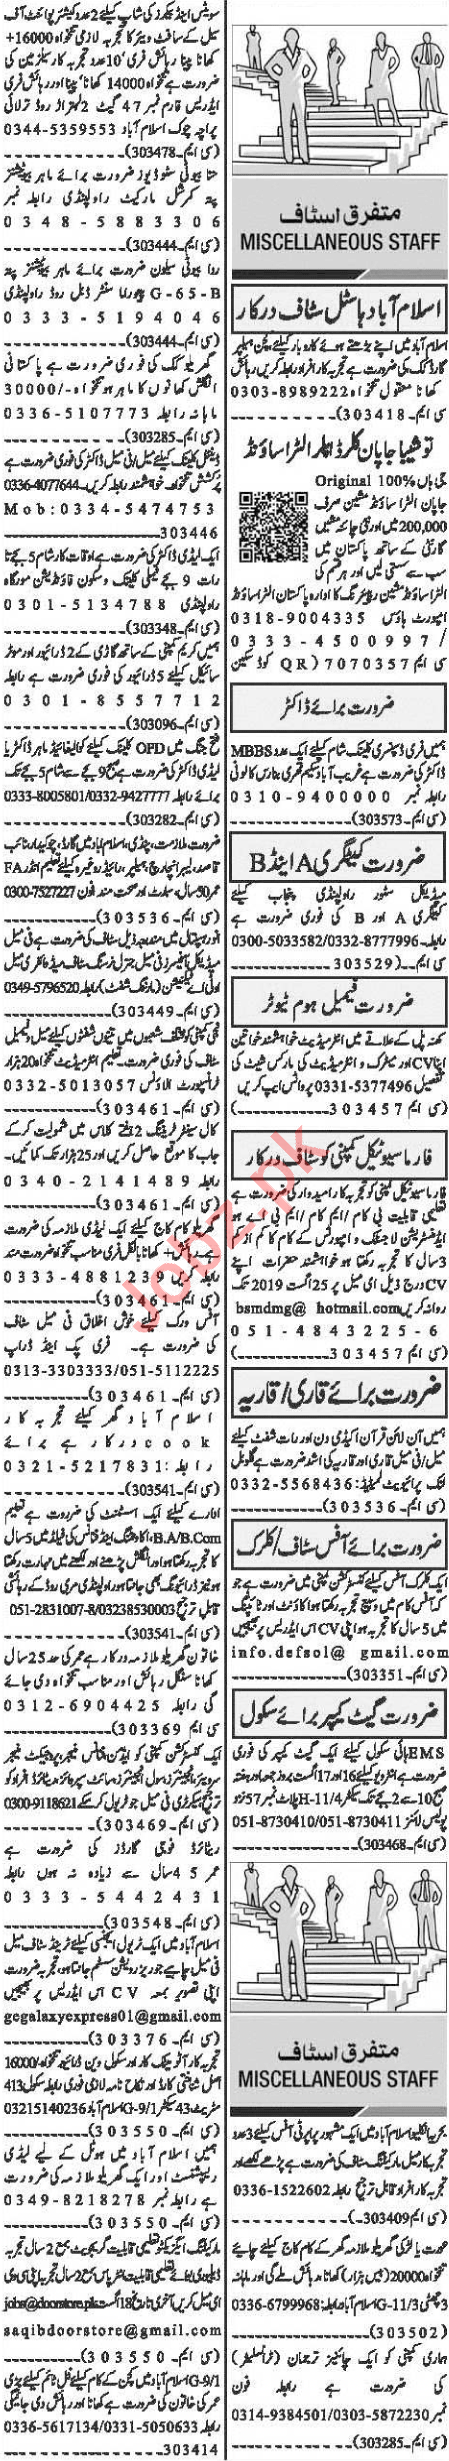 Jang Sunday Rawalpindi Classified Ads 11th Aug 2019